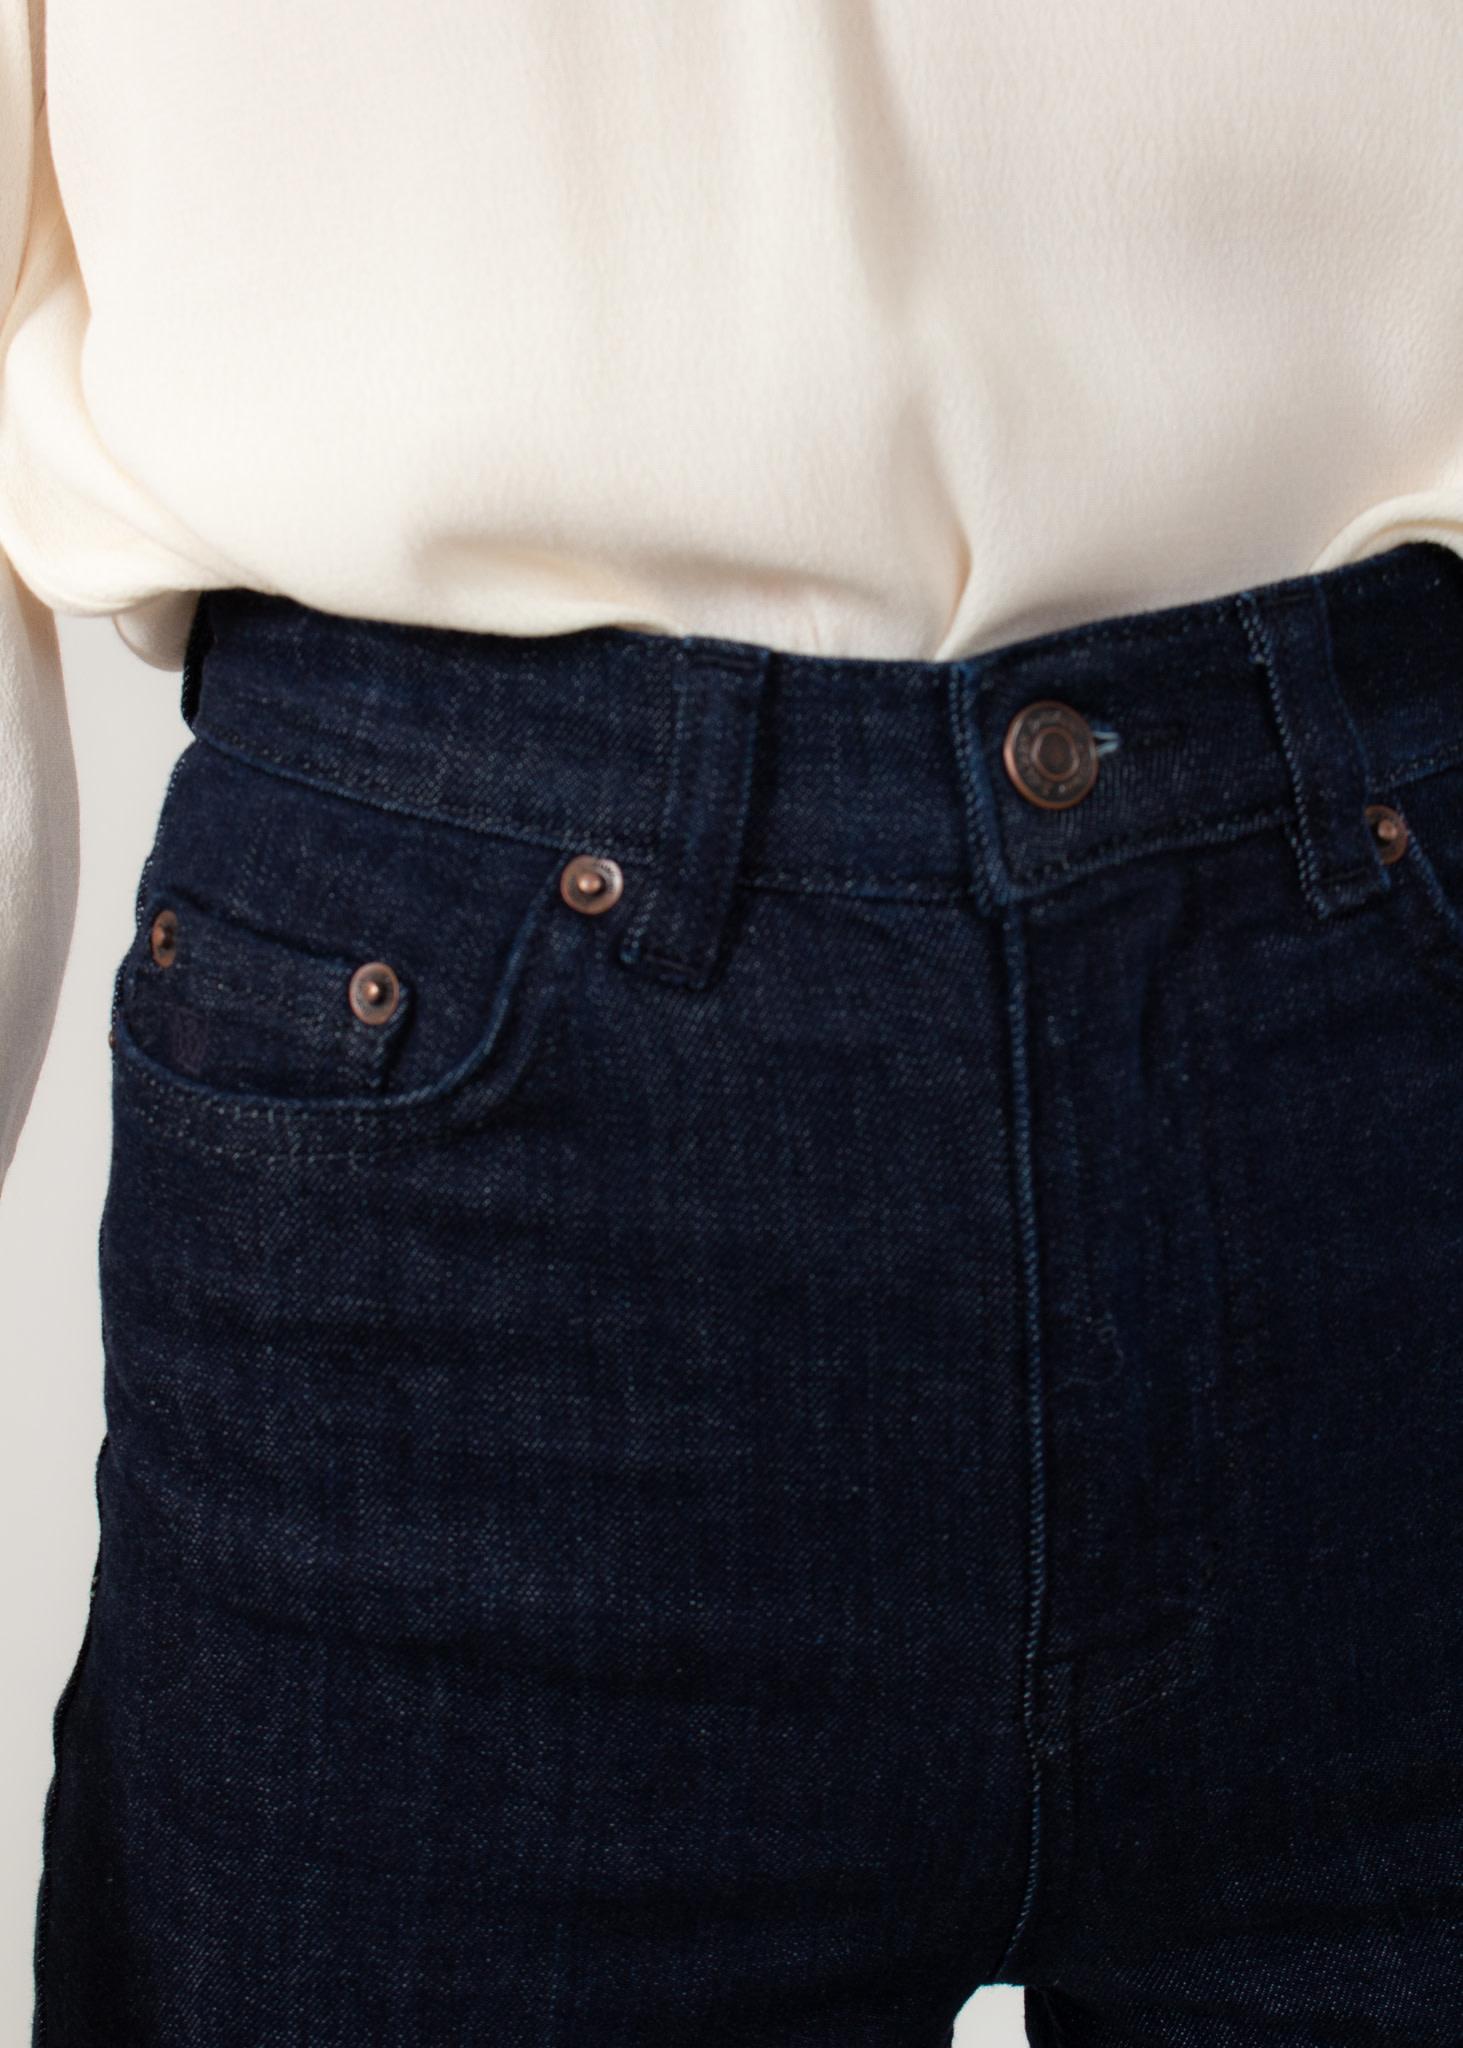 IN WEAR Emonelw wide jeans